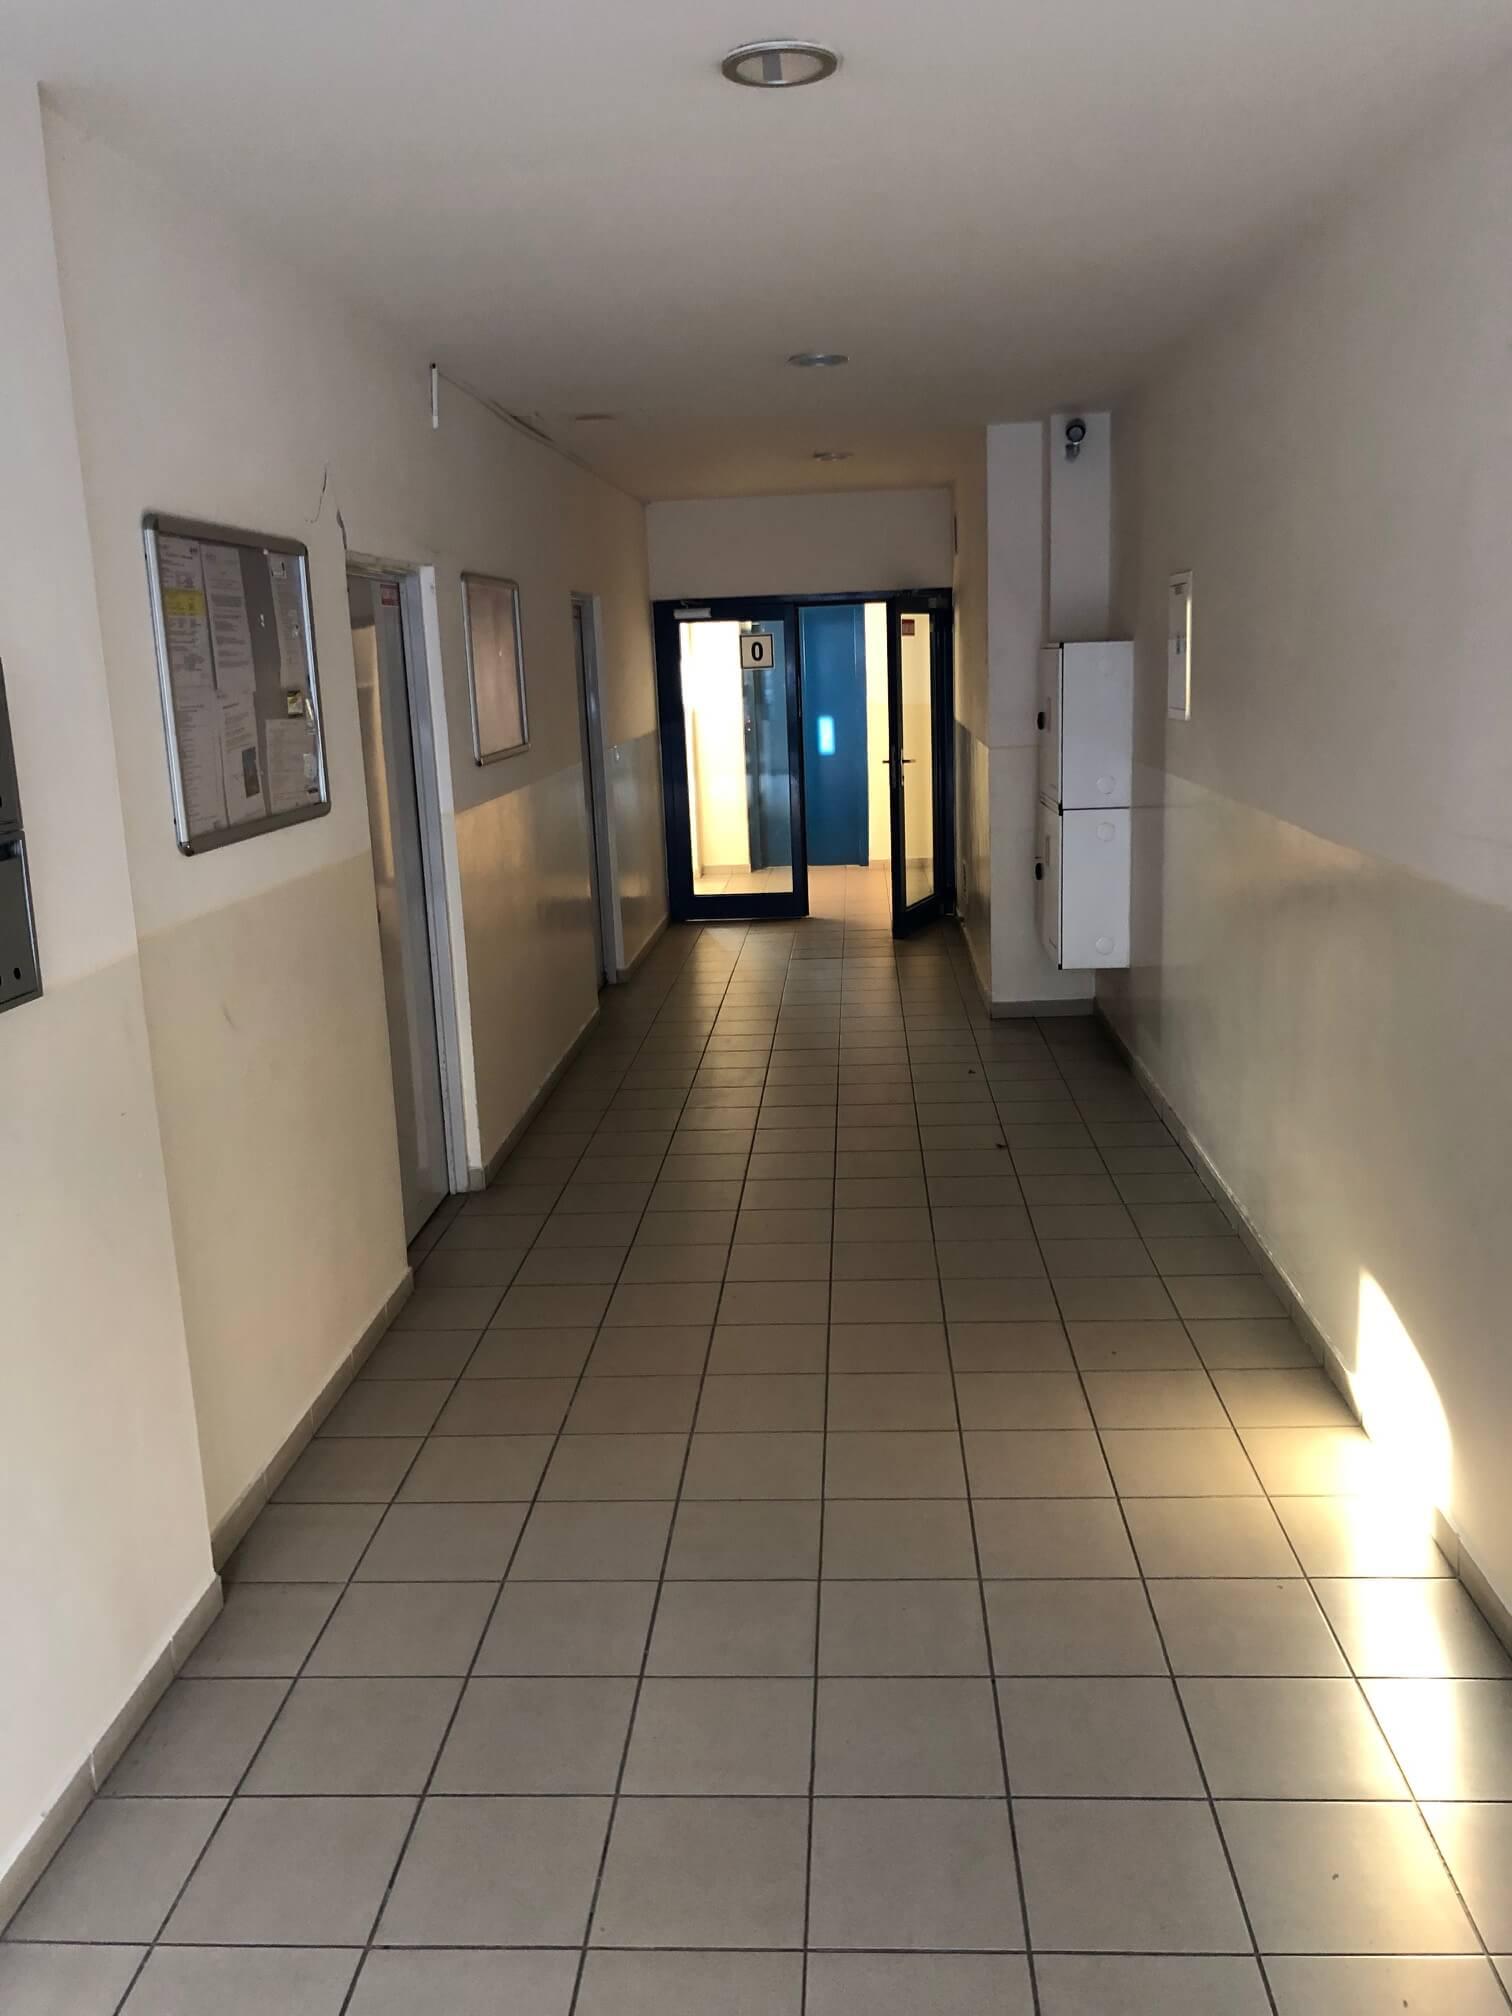 Predané: Exkluzívne na predaj 3 izb. byt, 72 m2, balkón 8 m2, parkovacie státie, Bratislava, Petržalka, Budatínska-20